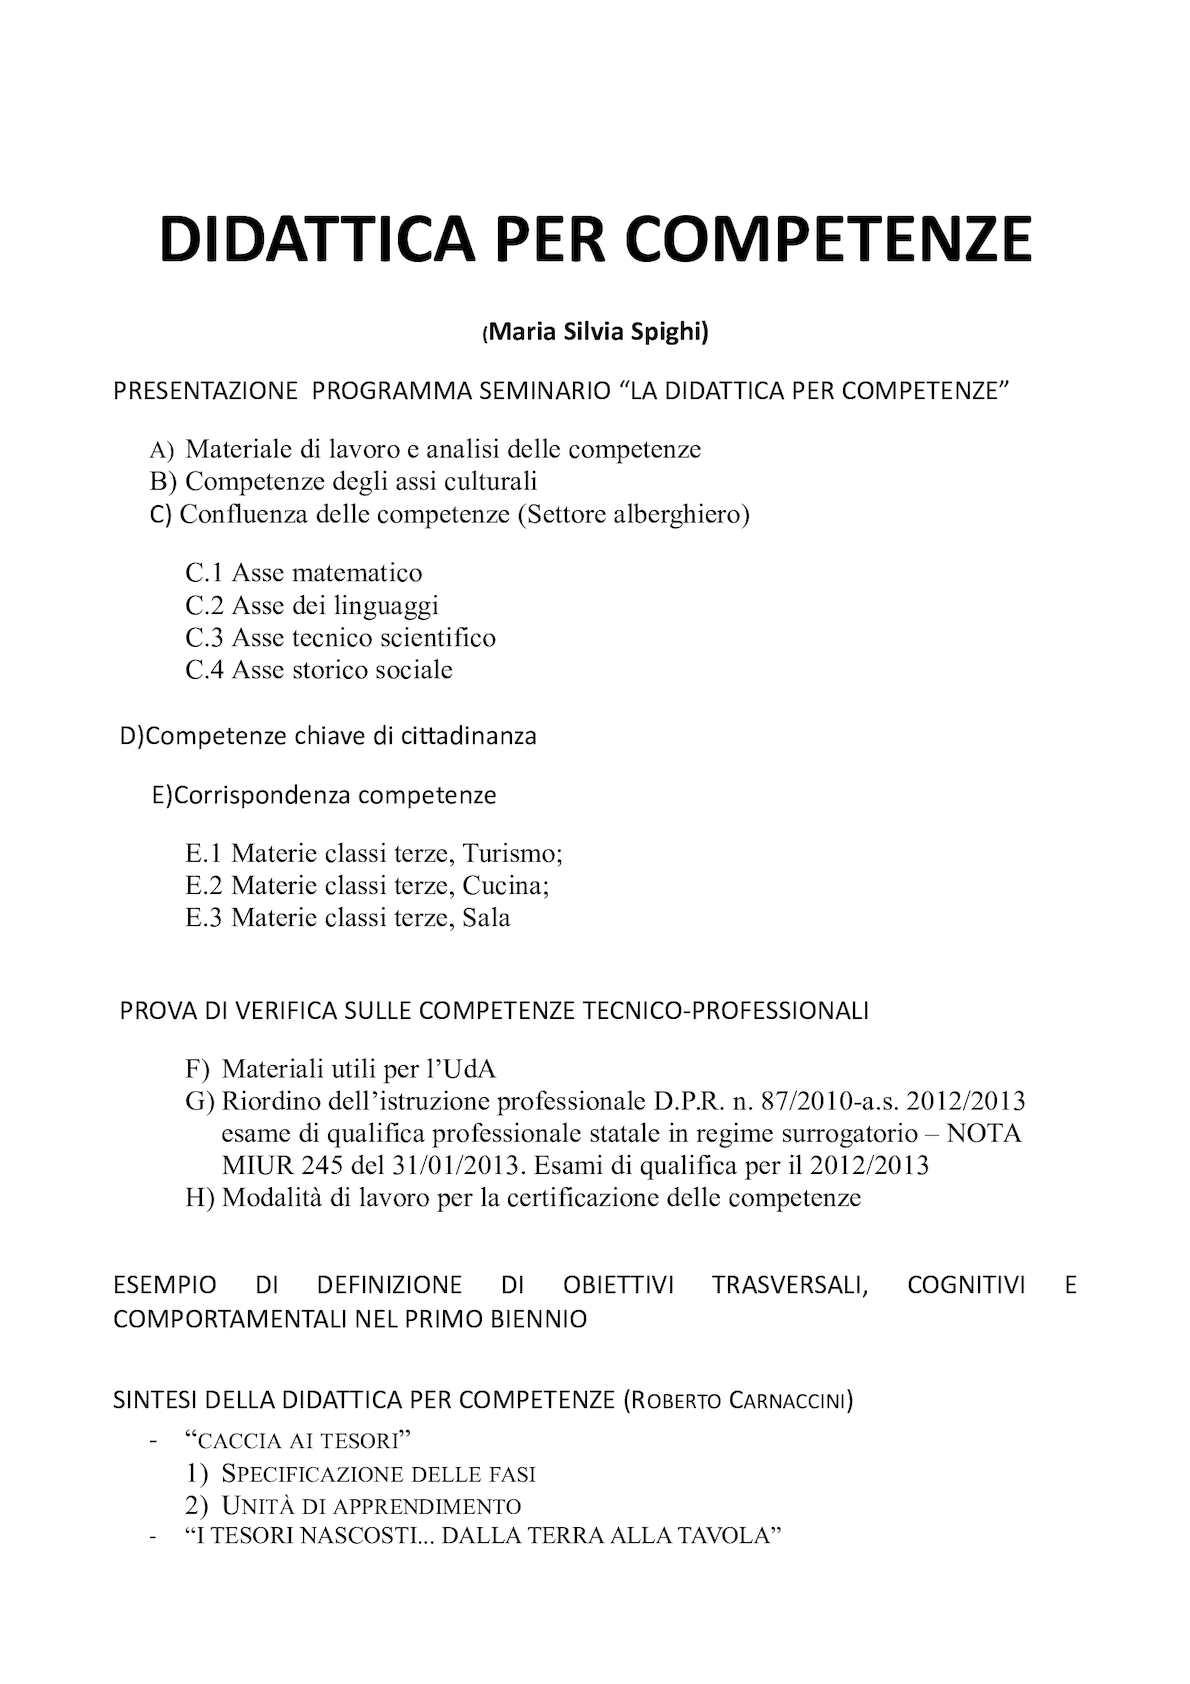 Schemi Elettrici Lesa : Calaméo la didattica per competenze